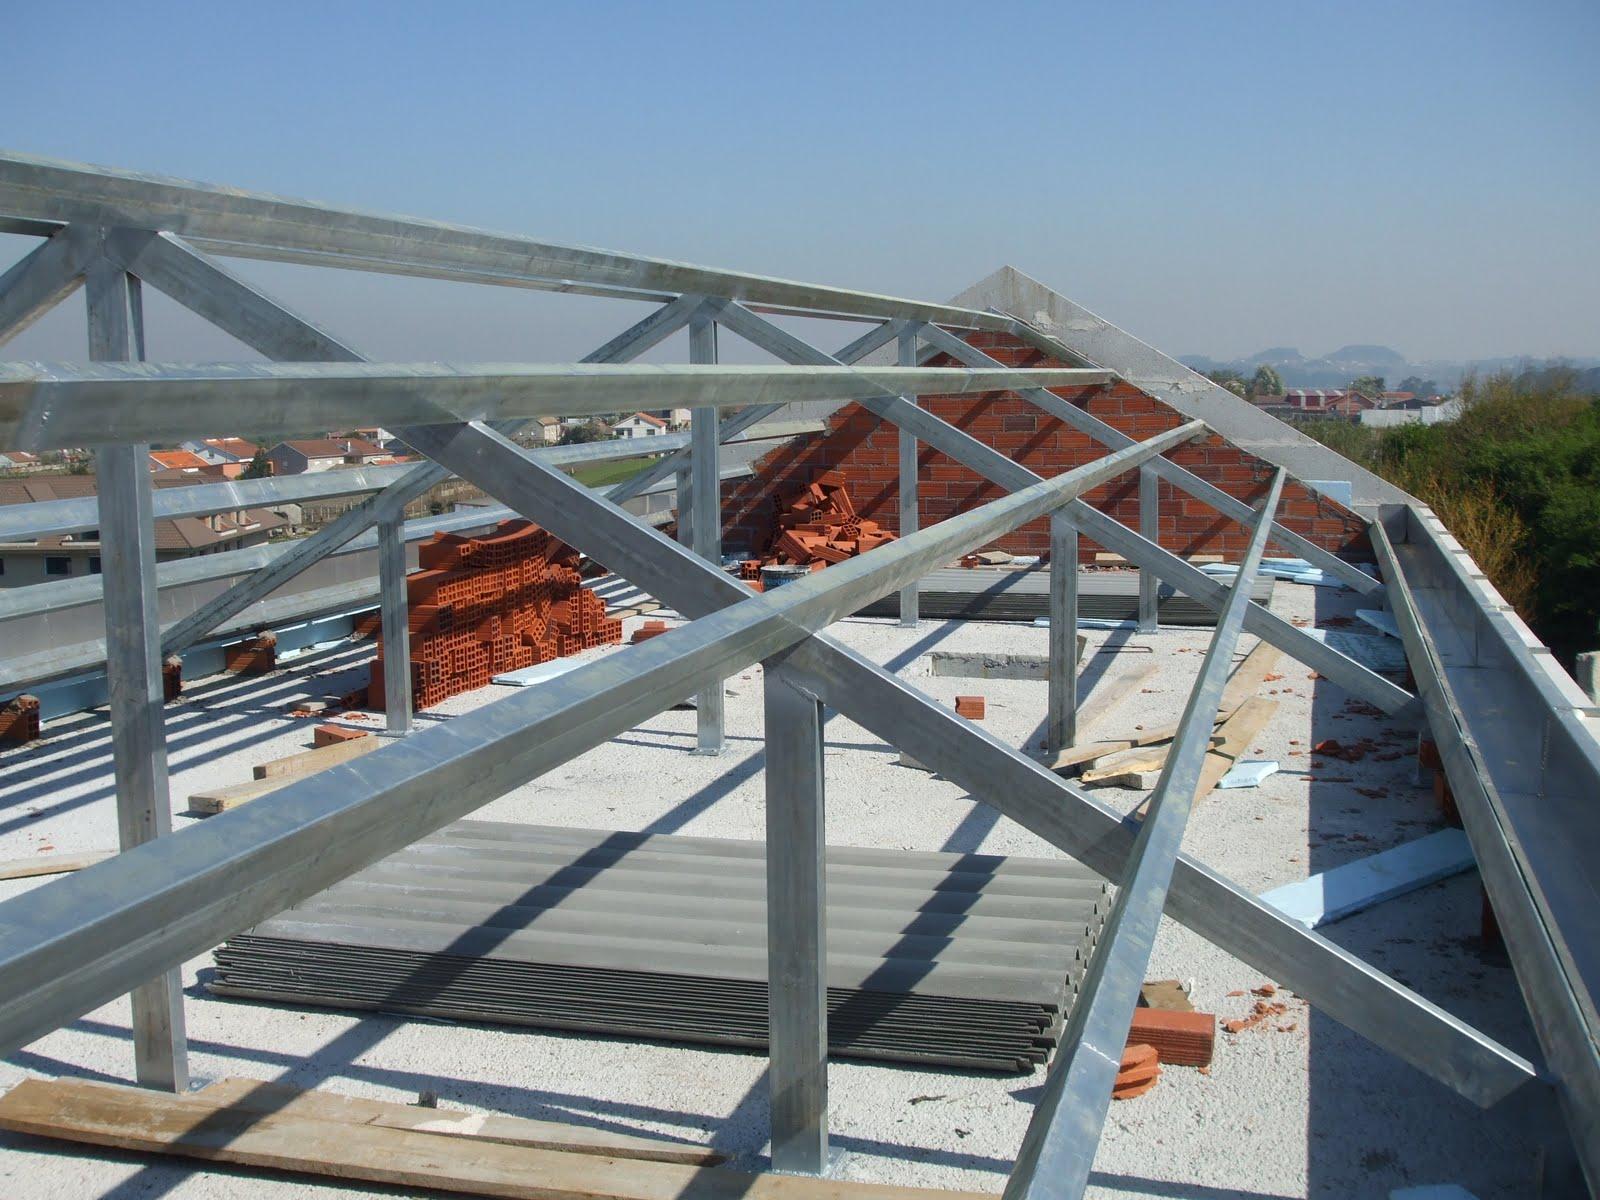 Promociones e inversiones k2 sl estructura del tejado for Cubiertas para techos livianas